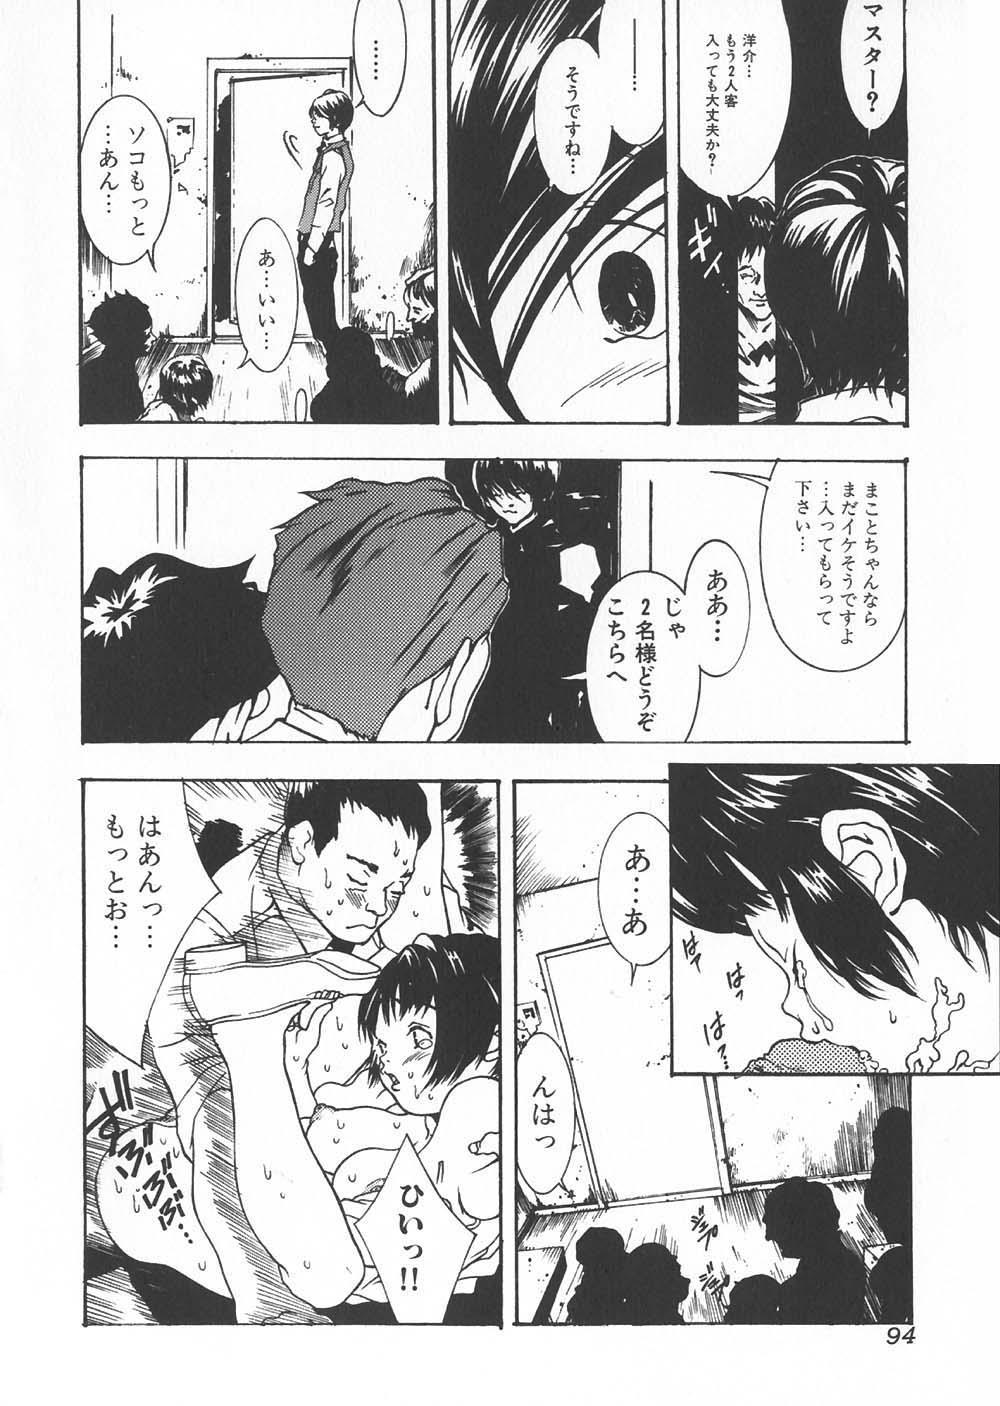 Gochuumon wa Okimari Desuka 95